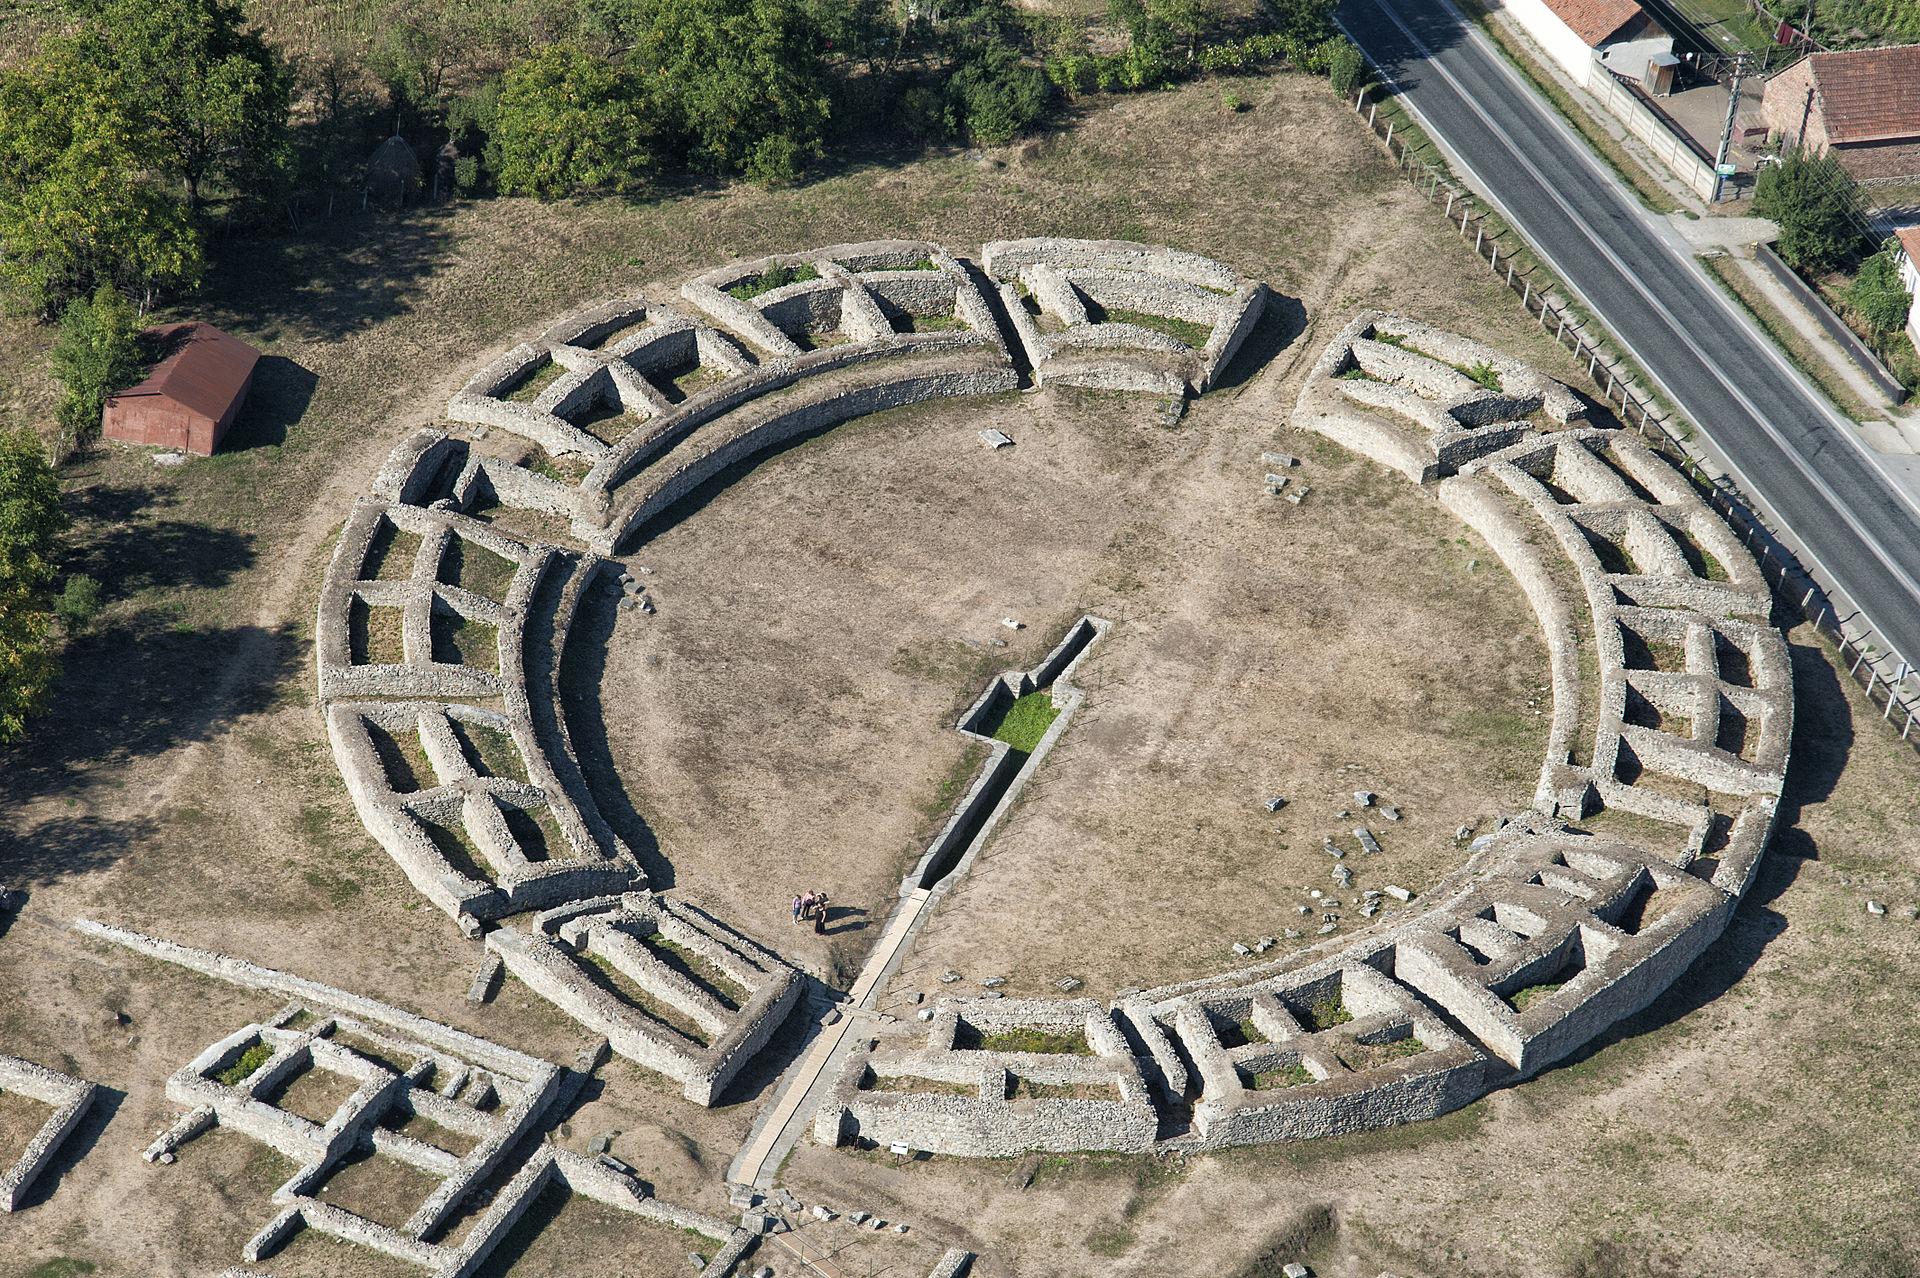 Amfiteatrul în care se luptau gladiatorii la Ulpia Traiana Sarmizegetusa va fi restaurat